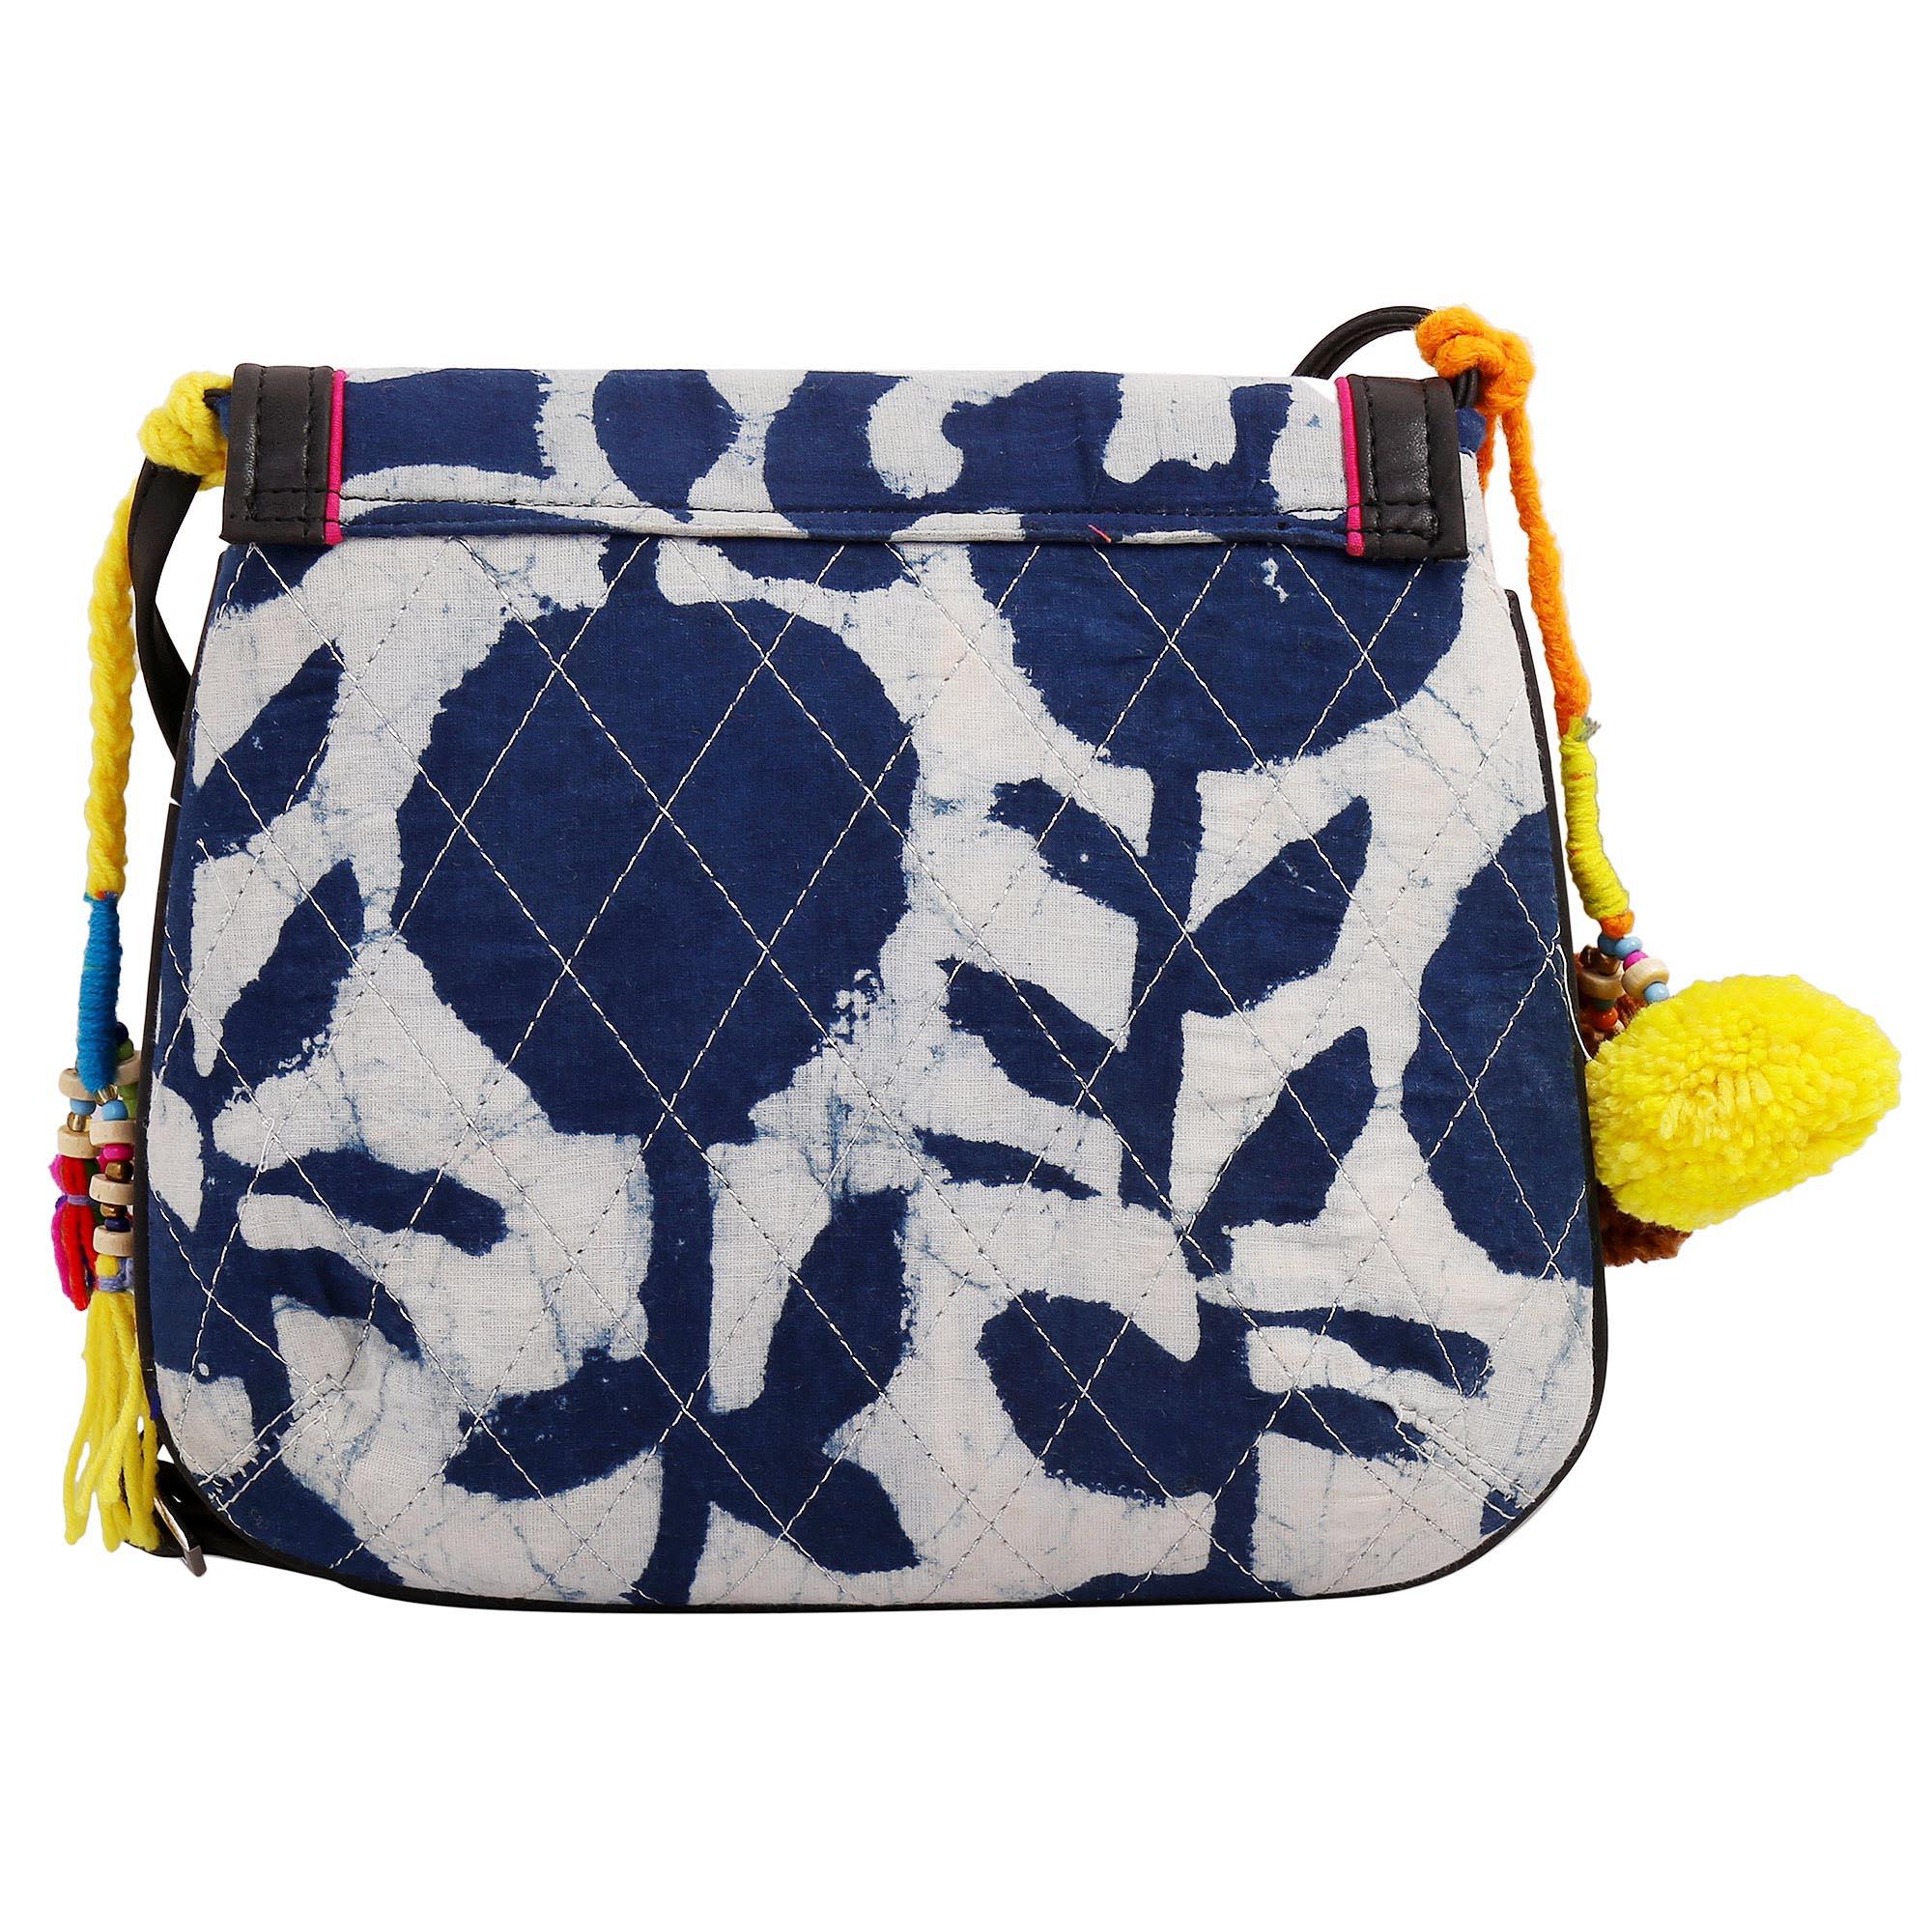 Fabric Vegan Sling Bags_9